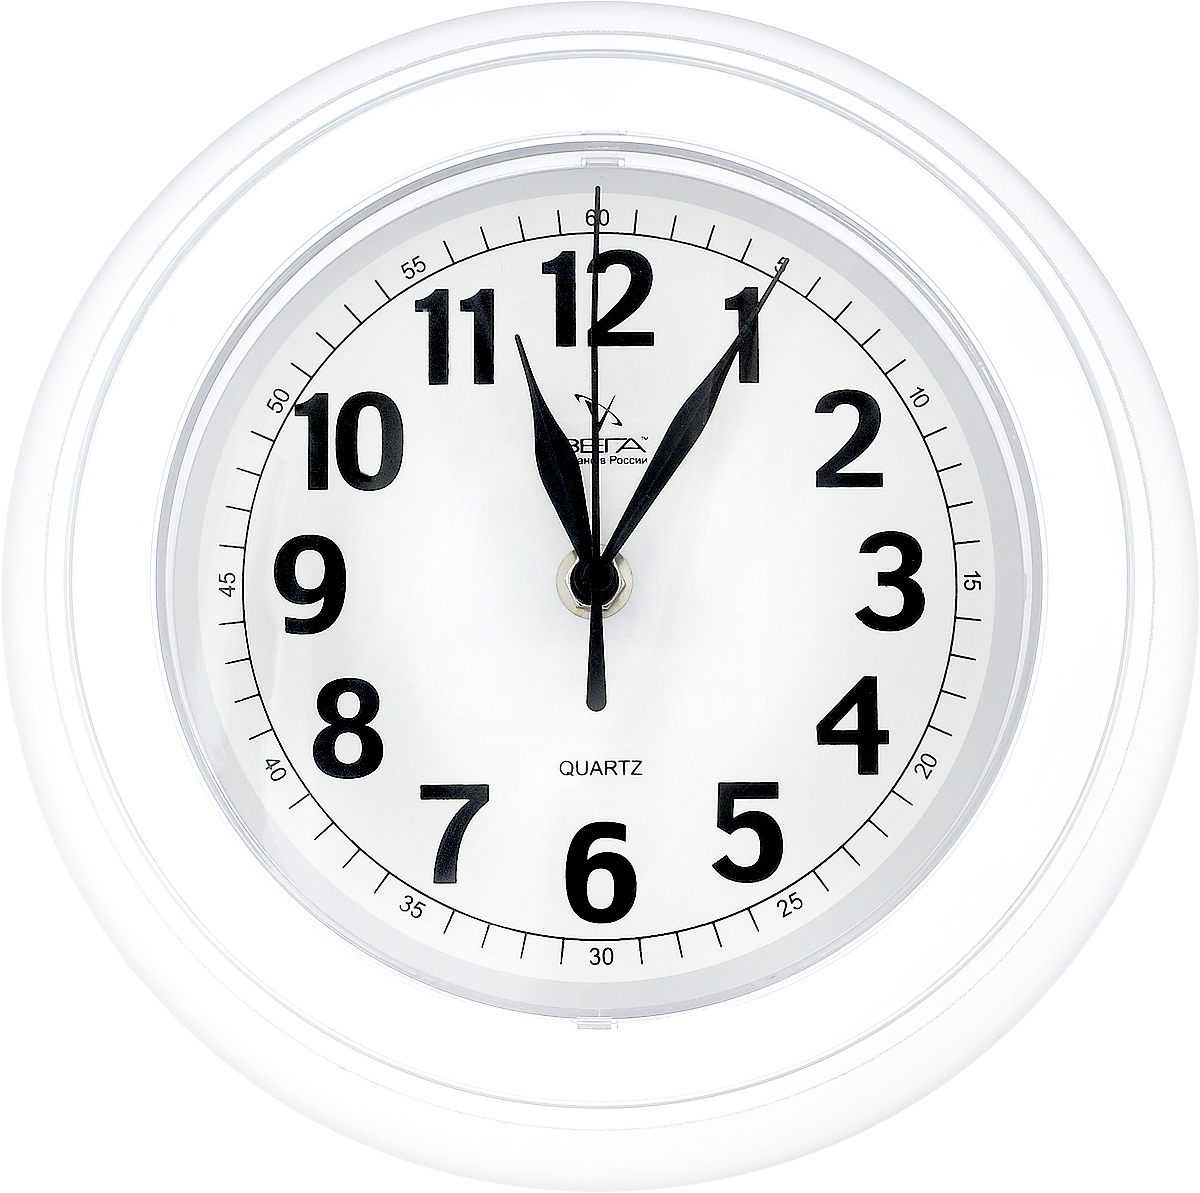 Часы настенные Вега Классика, цвет: белый, прозрачный, диаметр 22 см54 009305Настенные кварцевые часы Вега Классика, изготовленные из пластика, прекрасно впишутся в интерьер вашего дома. Круглые часы имеют три стрелки: часовую, минутную и секундную, циферблат защищен прозрачным стеклом. Часы работают от 1 батарейки типа АА напряжением 1,5 В (не входит в комплект). Диаметр часов: 22 см.